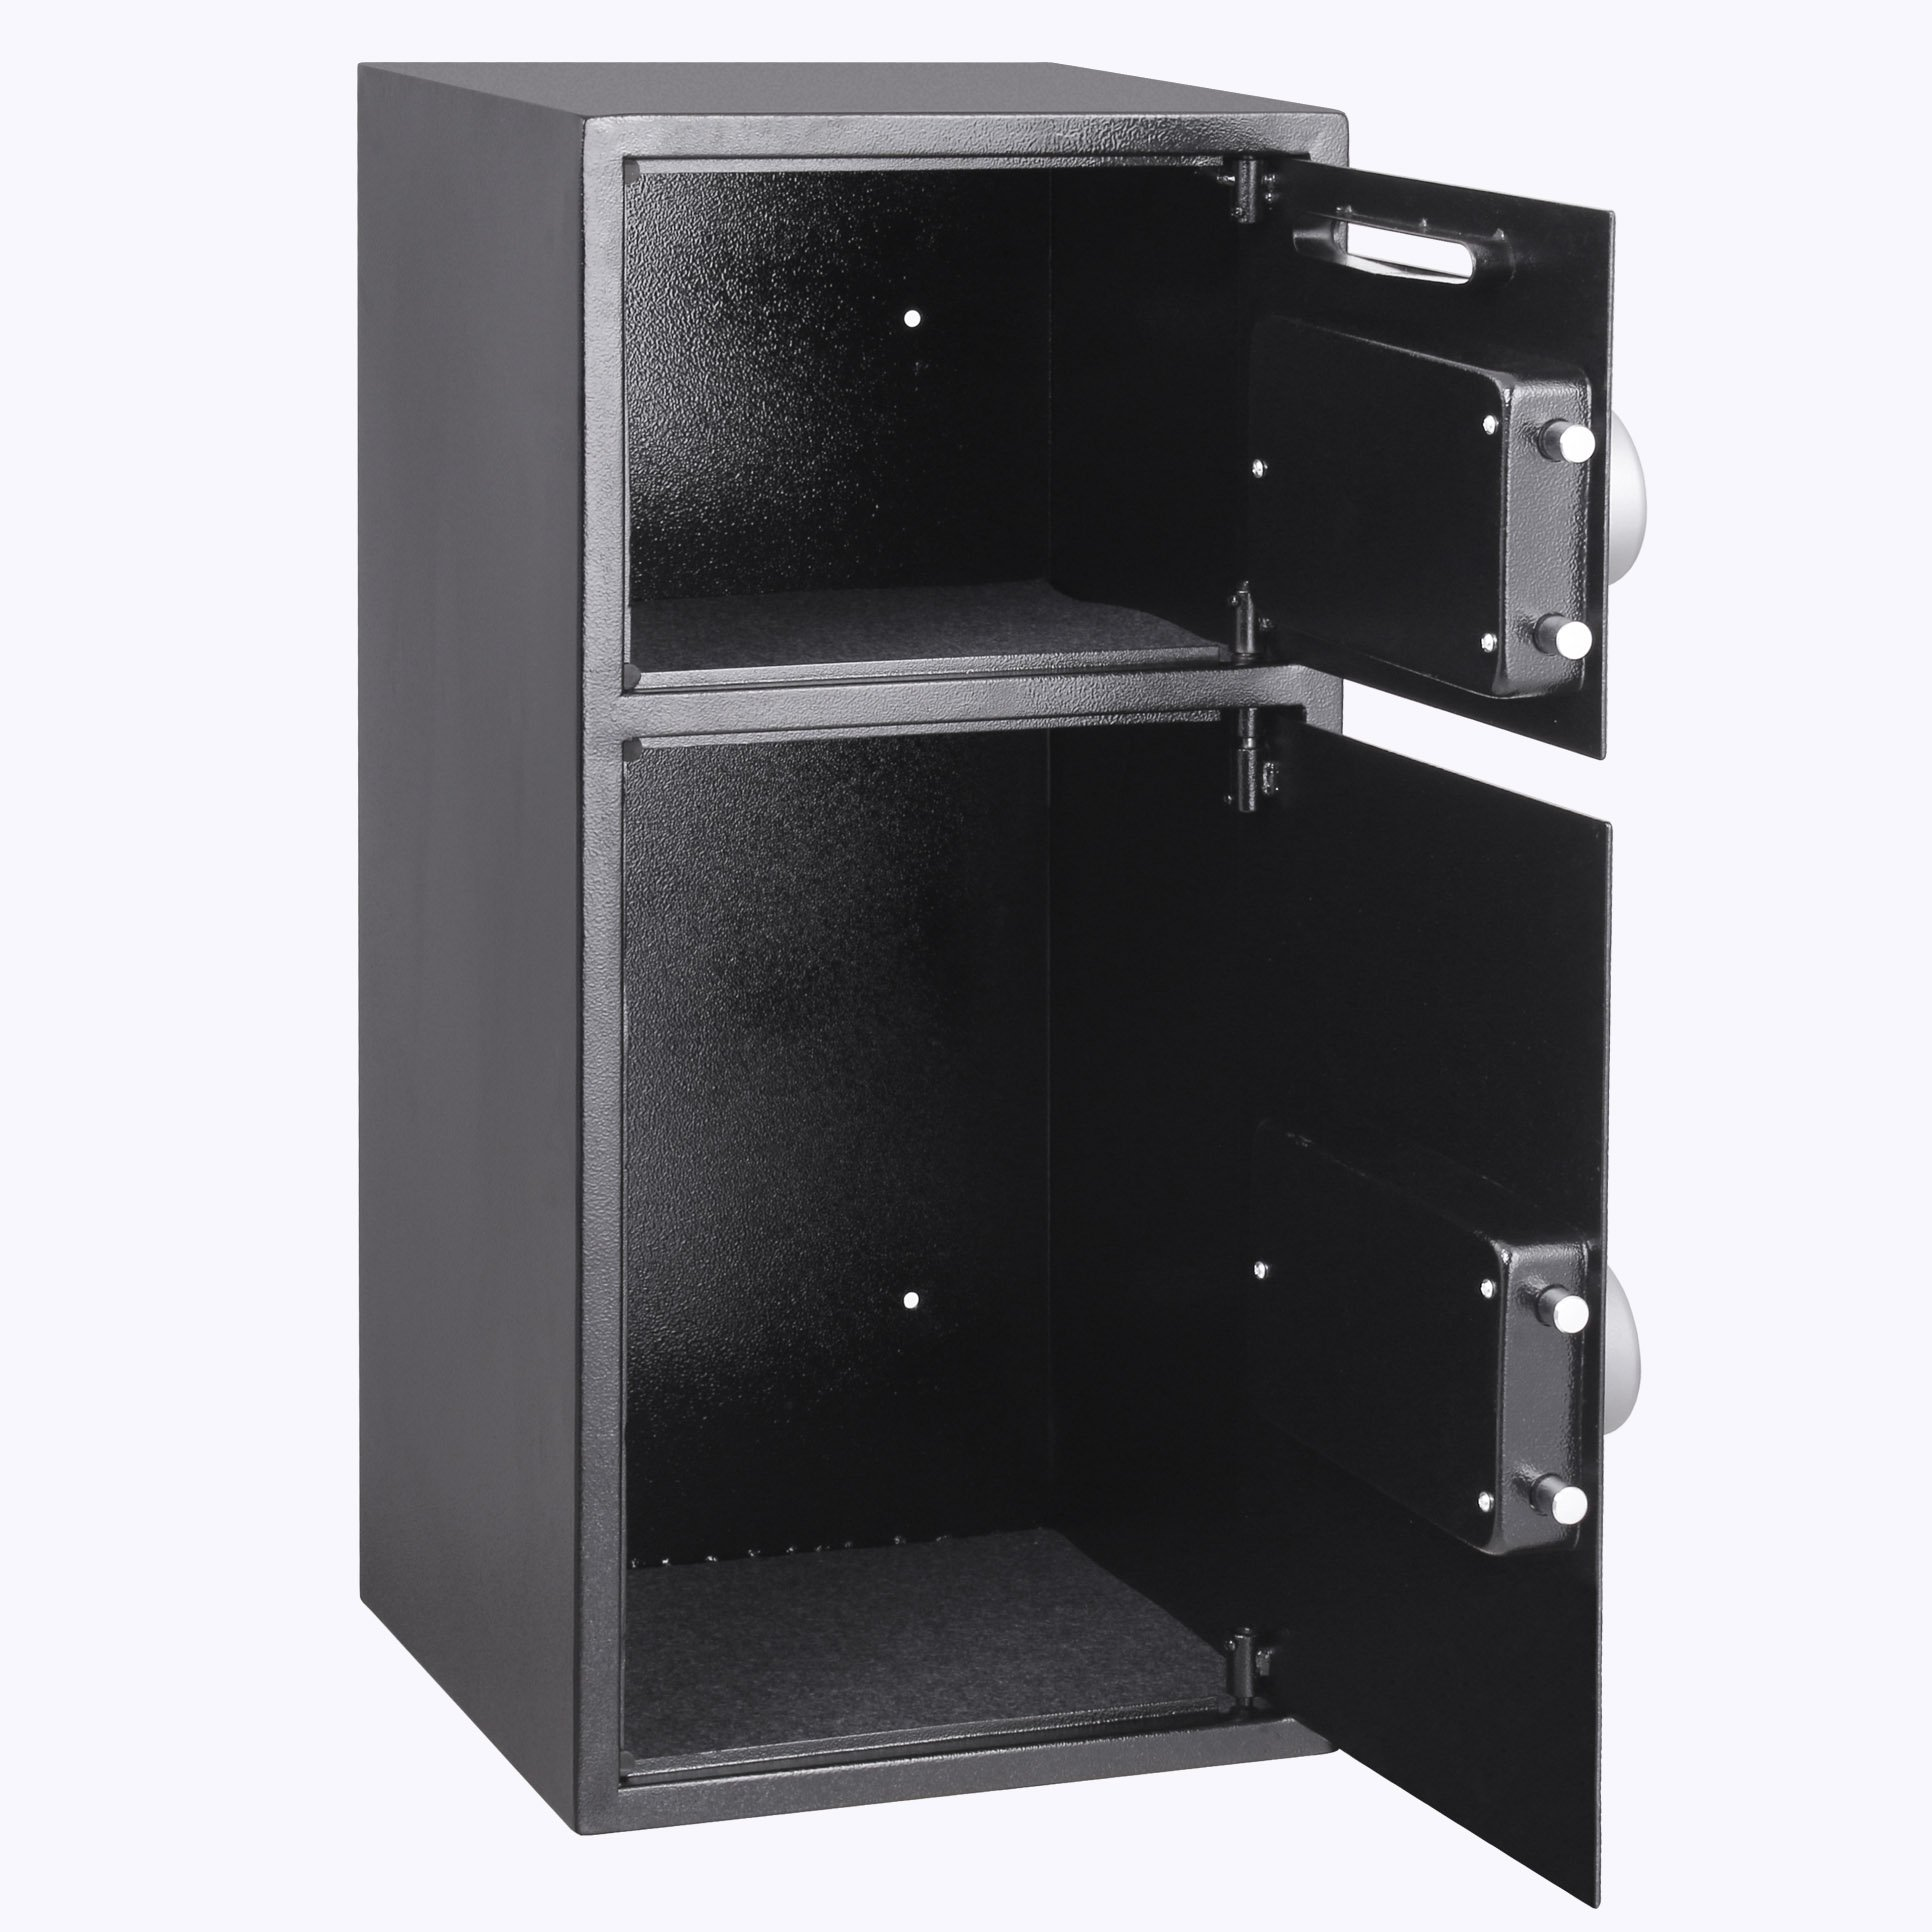 Superland Large Double Door Security Safe Box Depository Safe Steel Safe Box Digital Safe Depository for Money Gun Jewelry (Large Digital Safe Box) by Superland (Image #3)